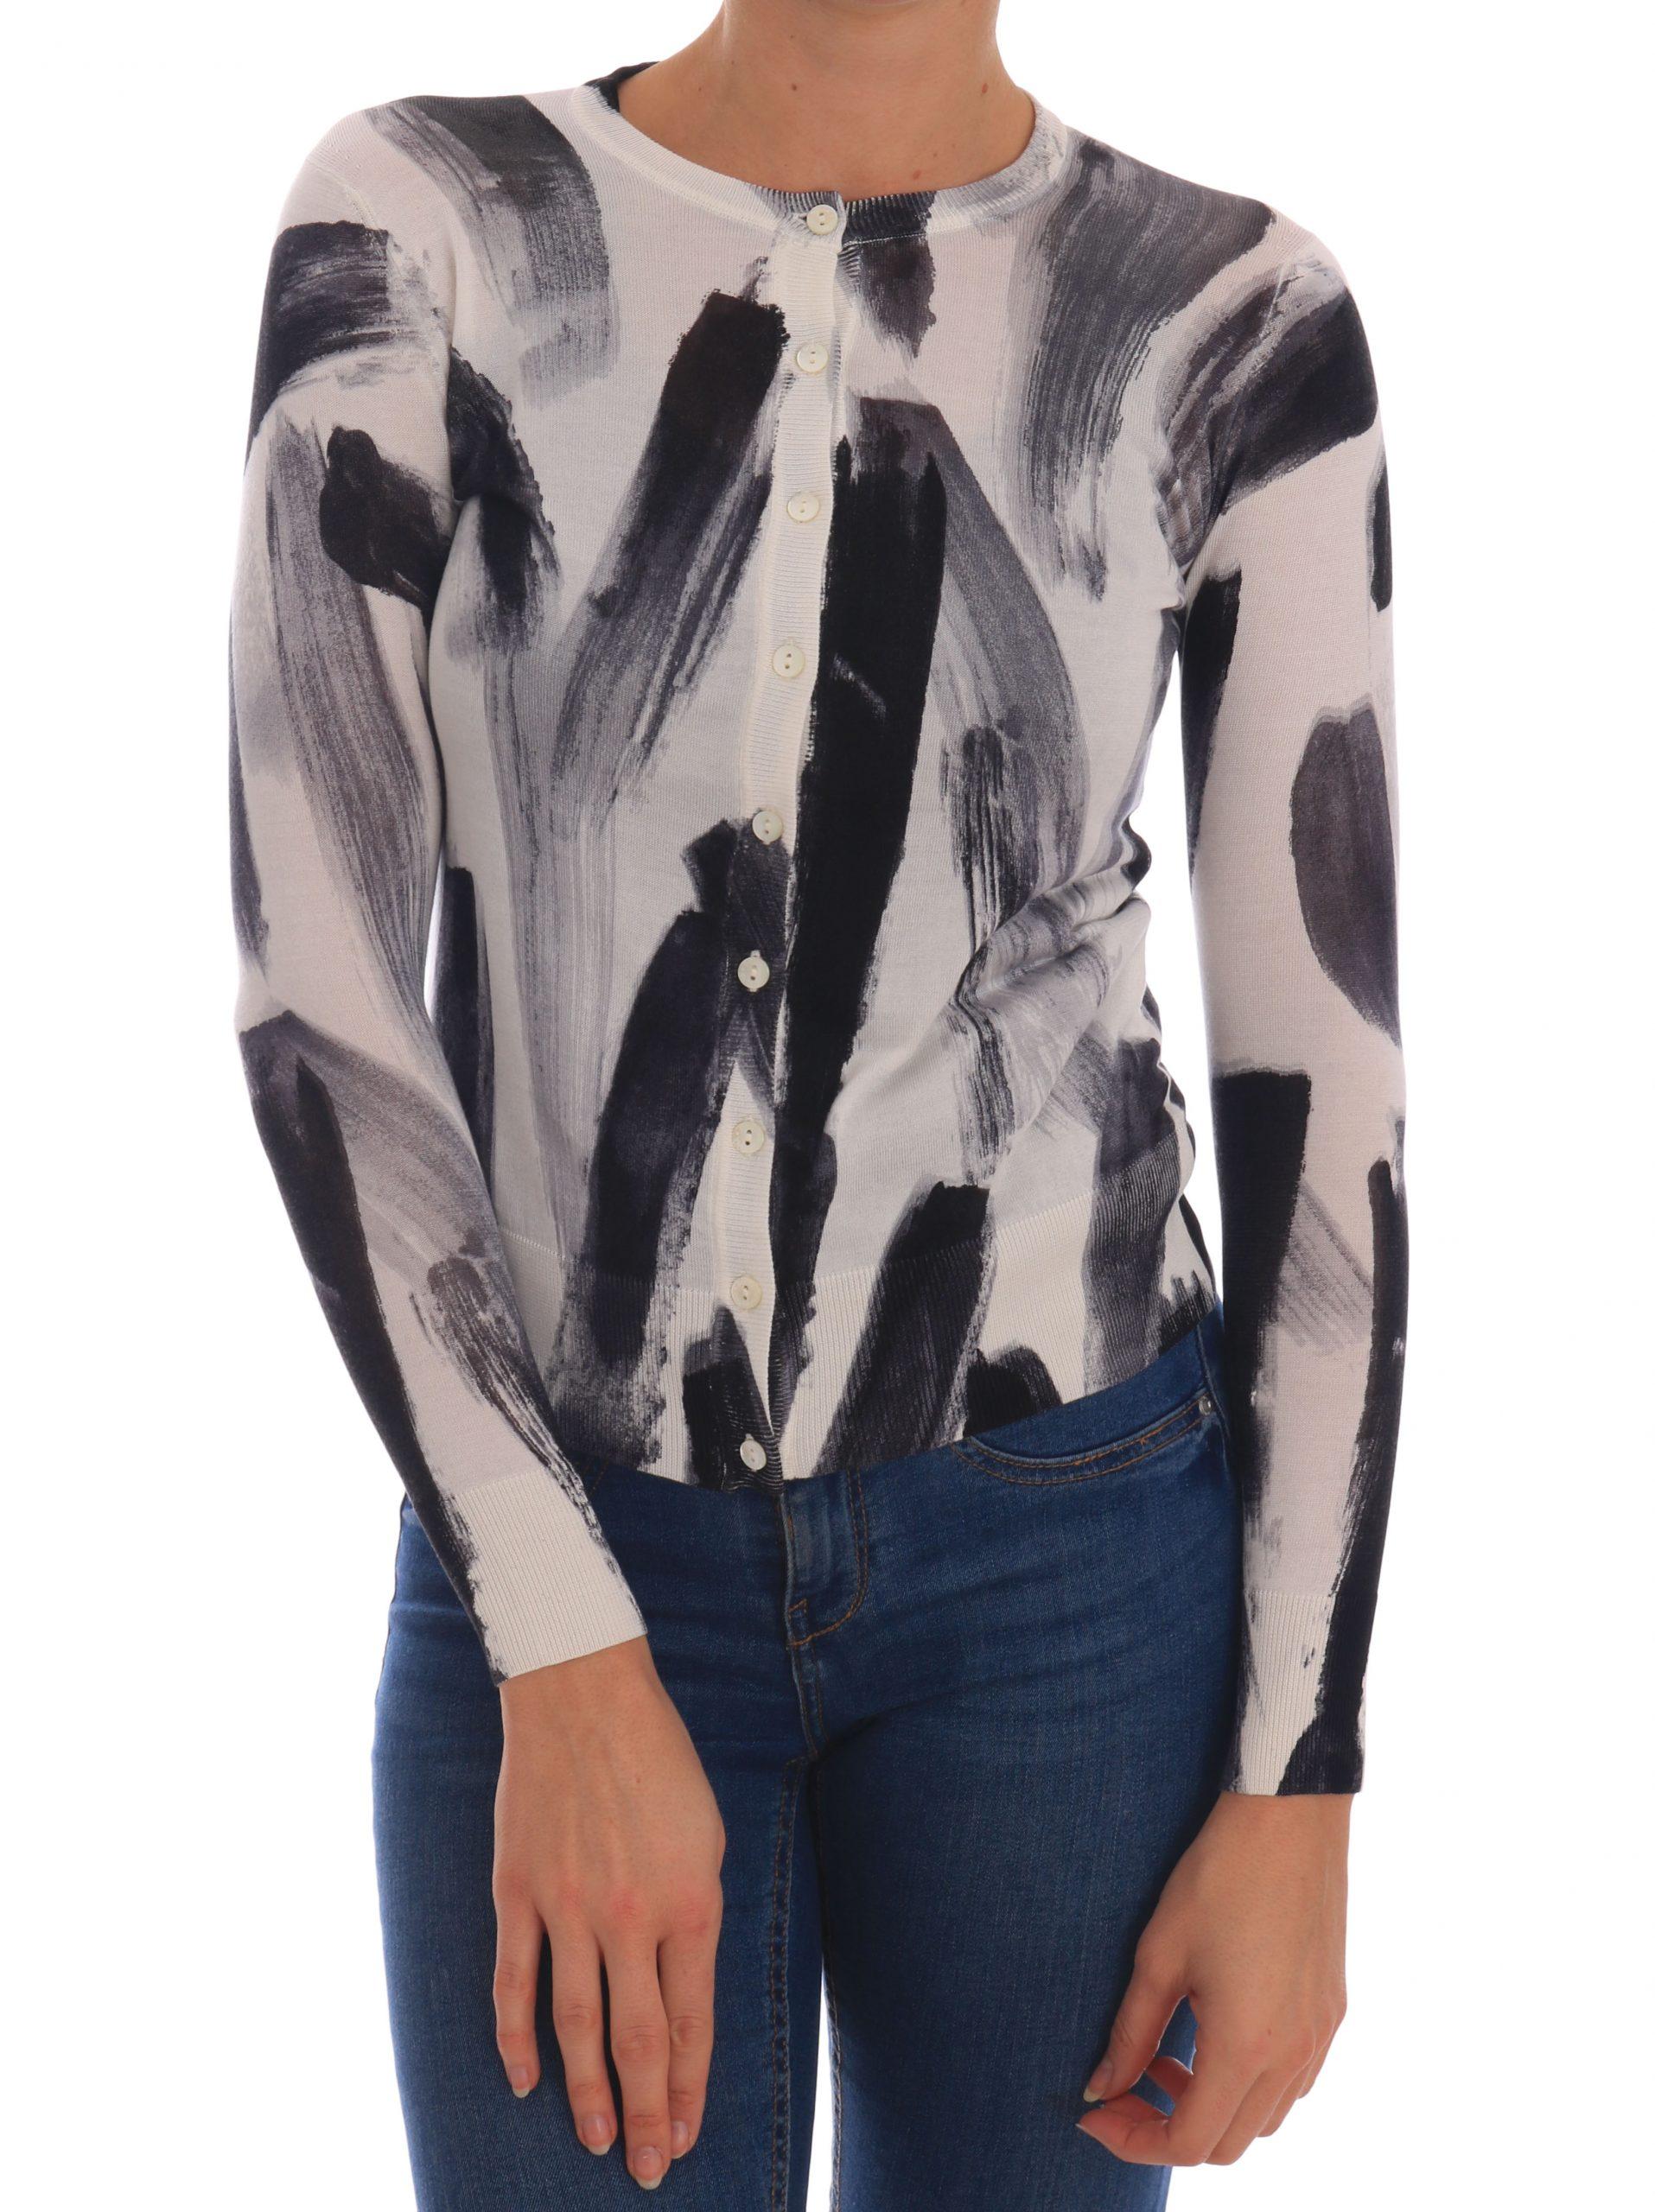 Dolce & Gabbana Women's Lightweight Silk Paint Stroke Cardigan Black TSH1924 - IT36|XXS